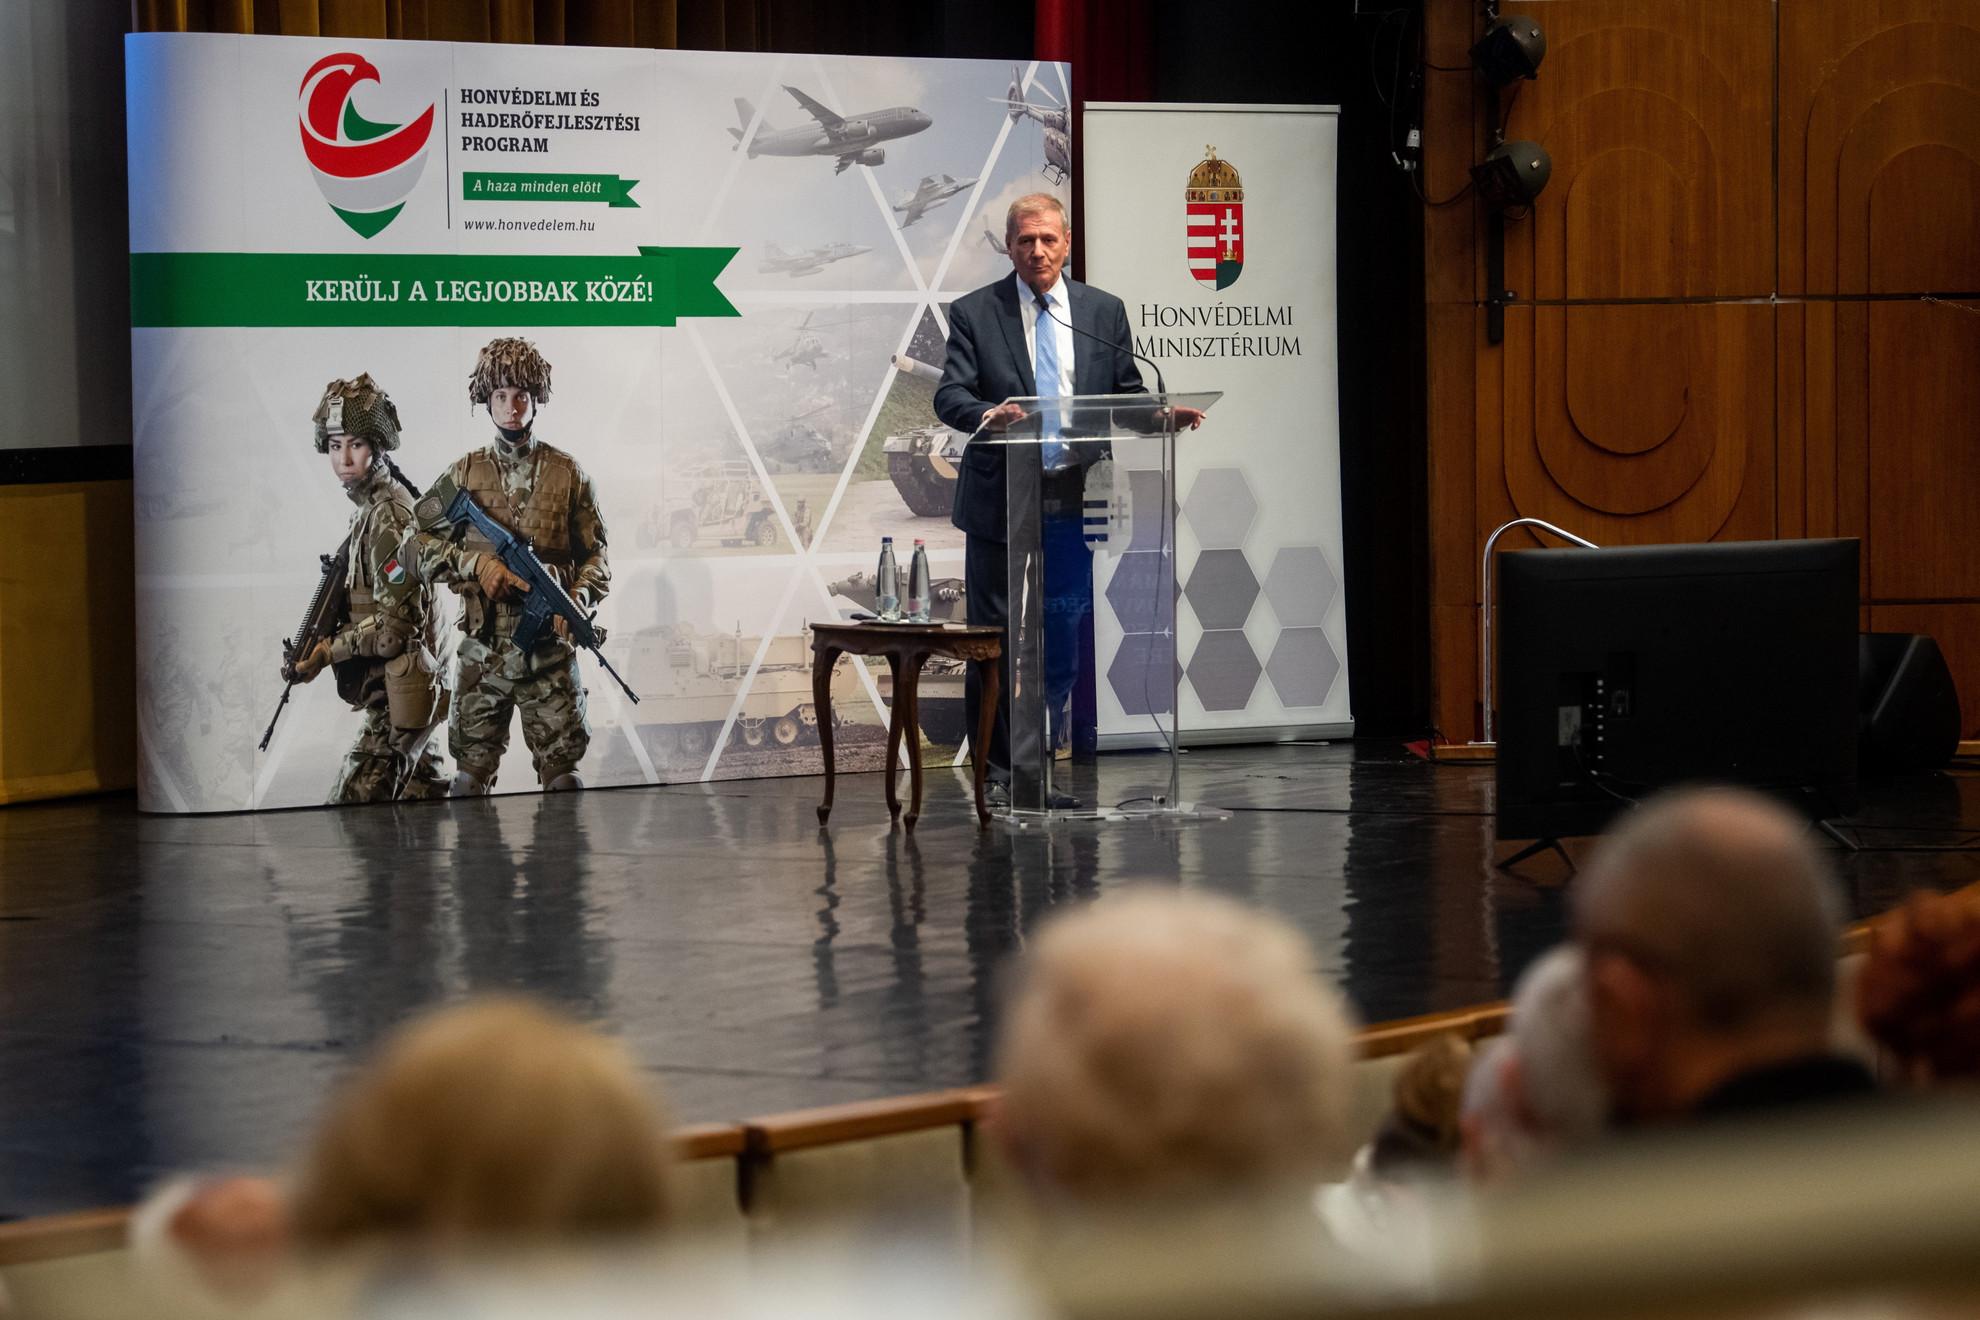 Benkő Tibor honvédelmi miniszter előadást tart nyugállományú katonáknak és honvédségi nyugdíjasoknak Budapesten, a Stefánia Palotabában 2021. június 11-én